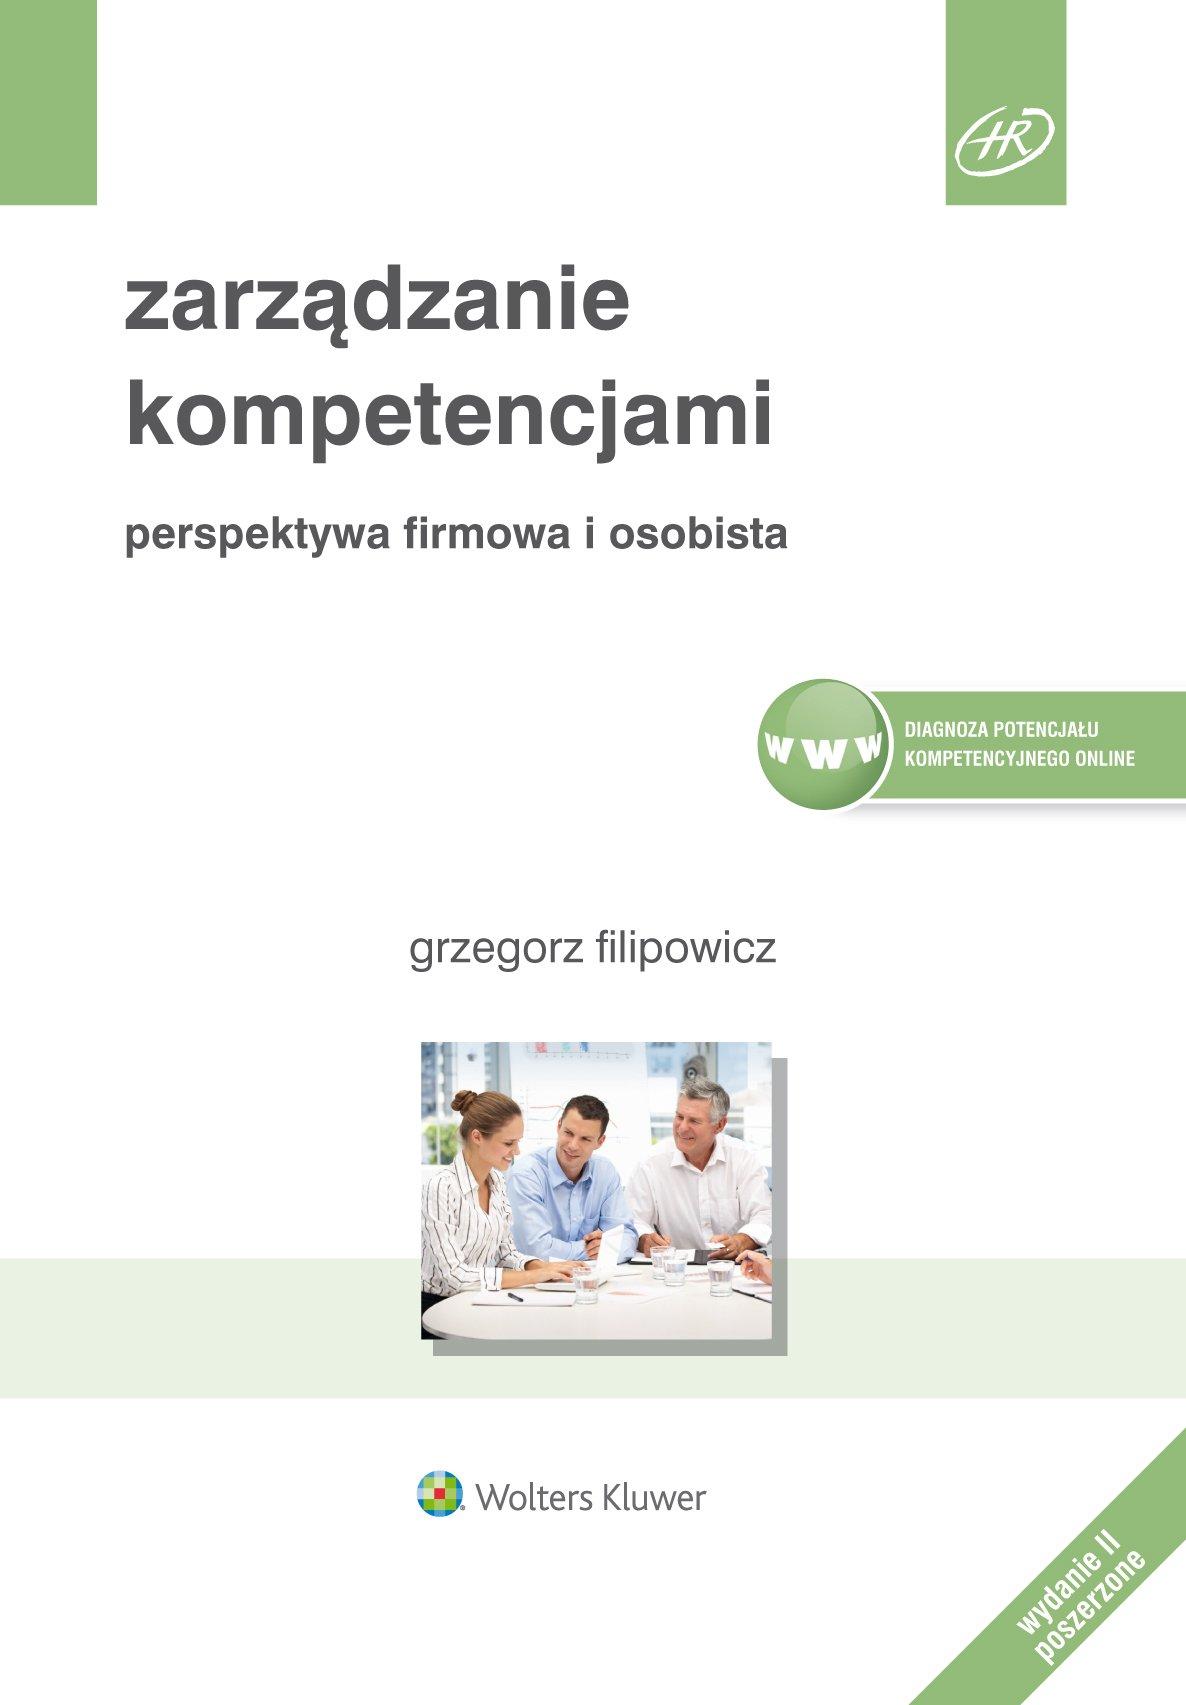 Zarządzanie kompetencjami. Perspektywa firmowa i osobista - Ebook (Książka PDF) do pobrania w formacie PDF